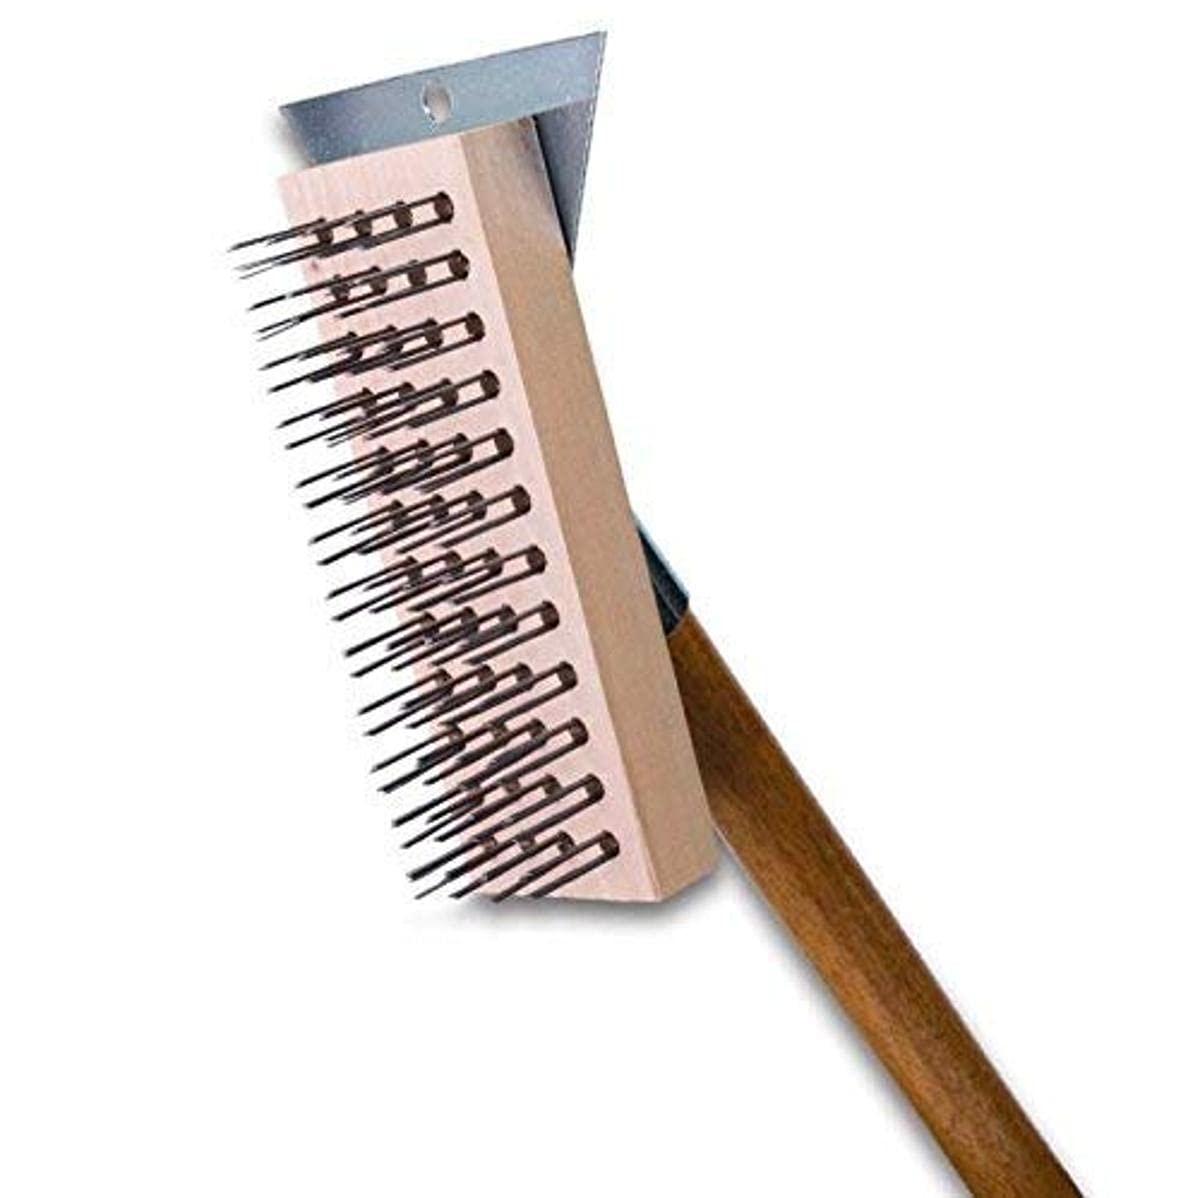 Malish GGB Groovy Grill Brush